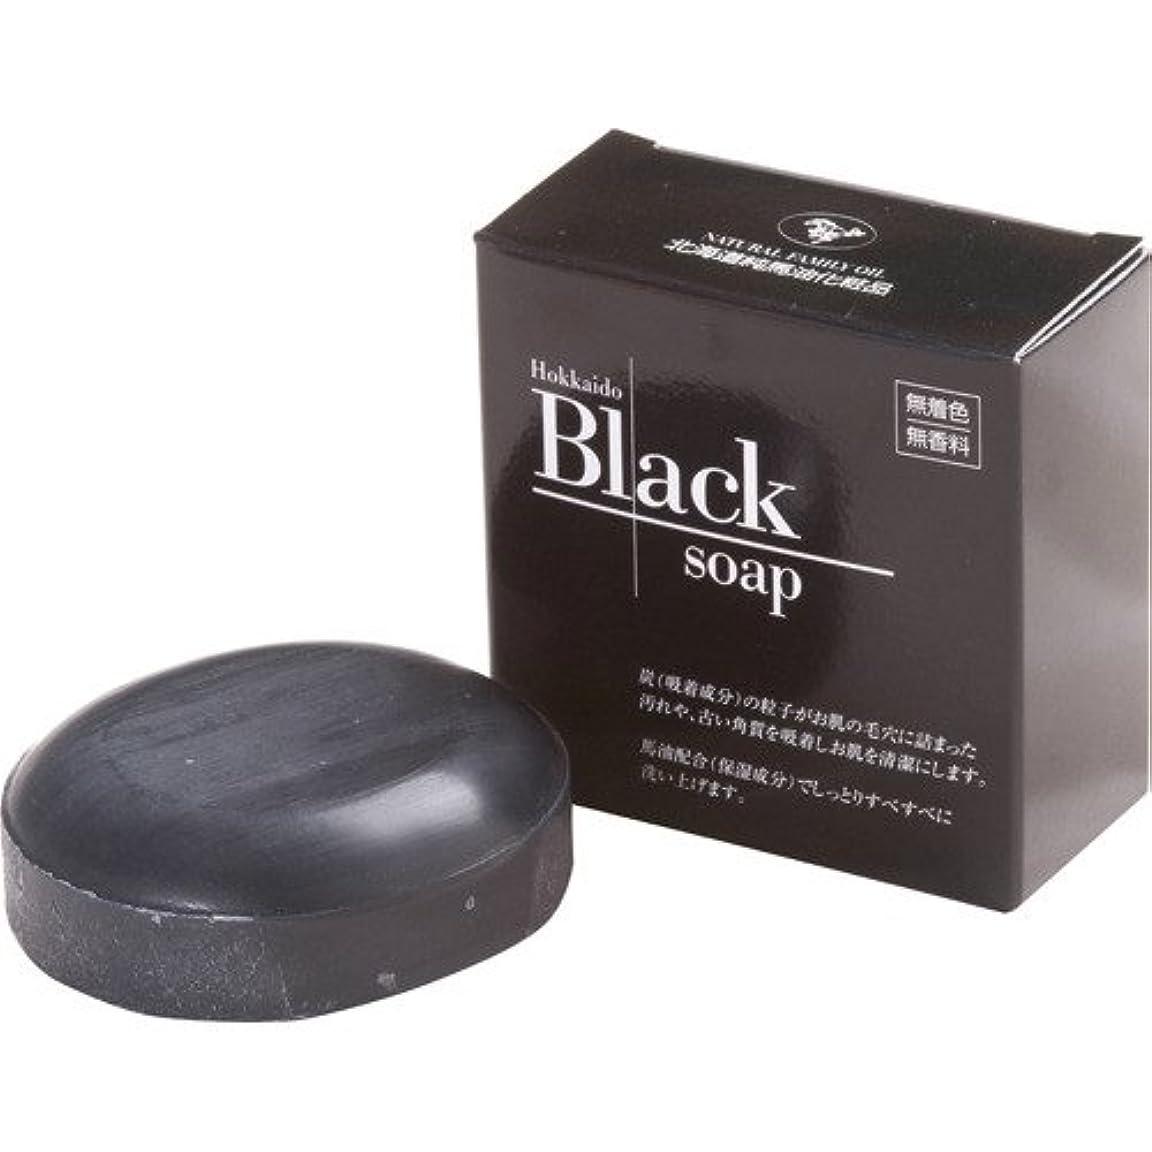 ディベートかなり明確な北海道黒石けん 100g